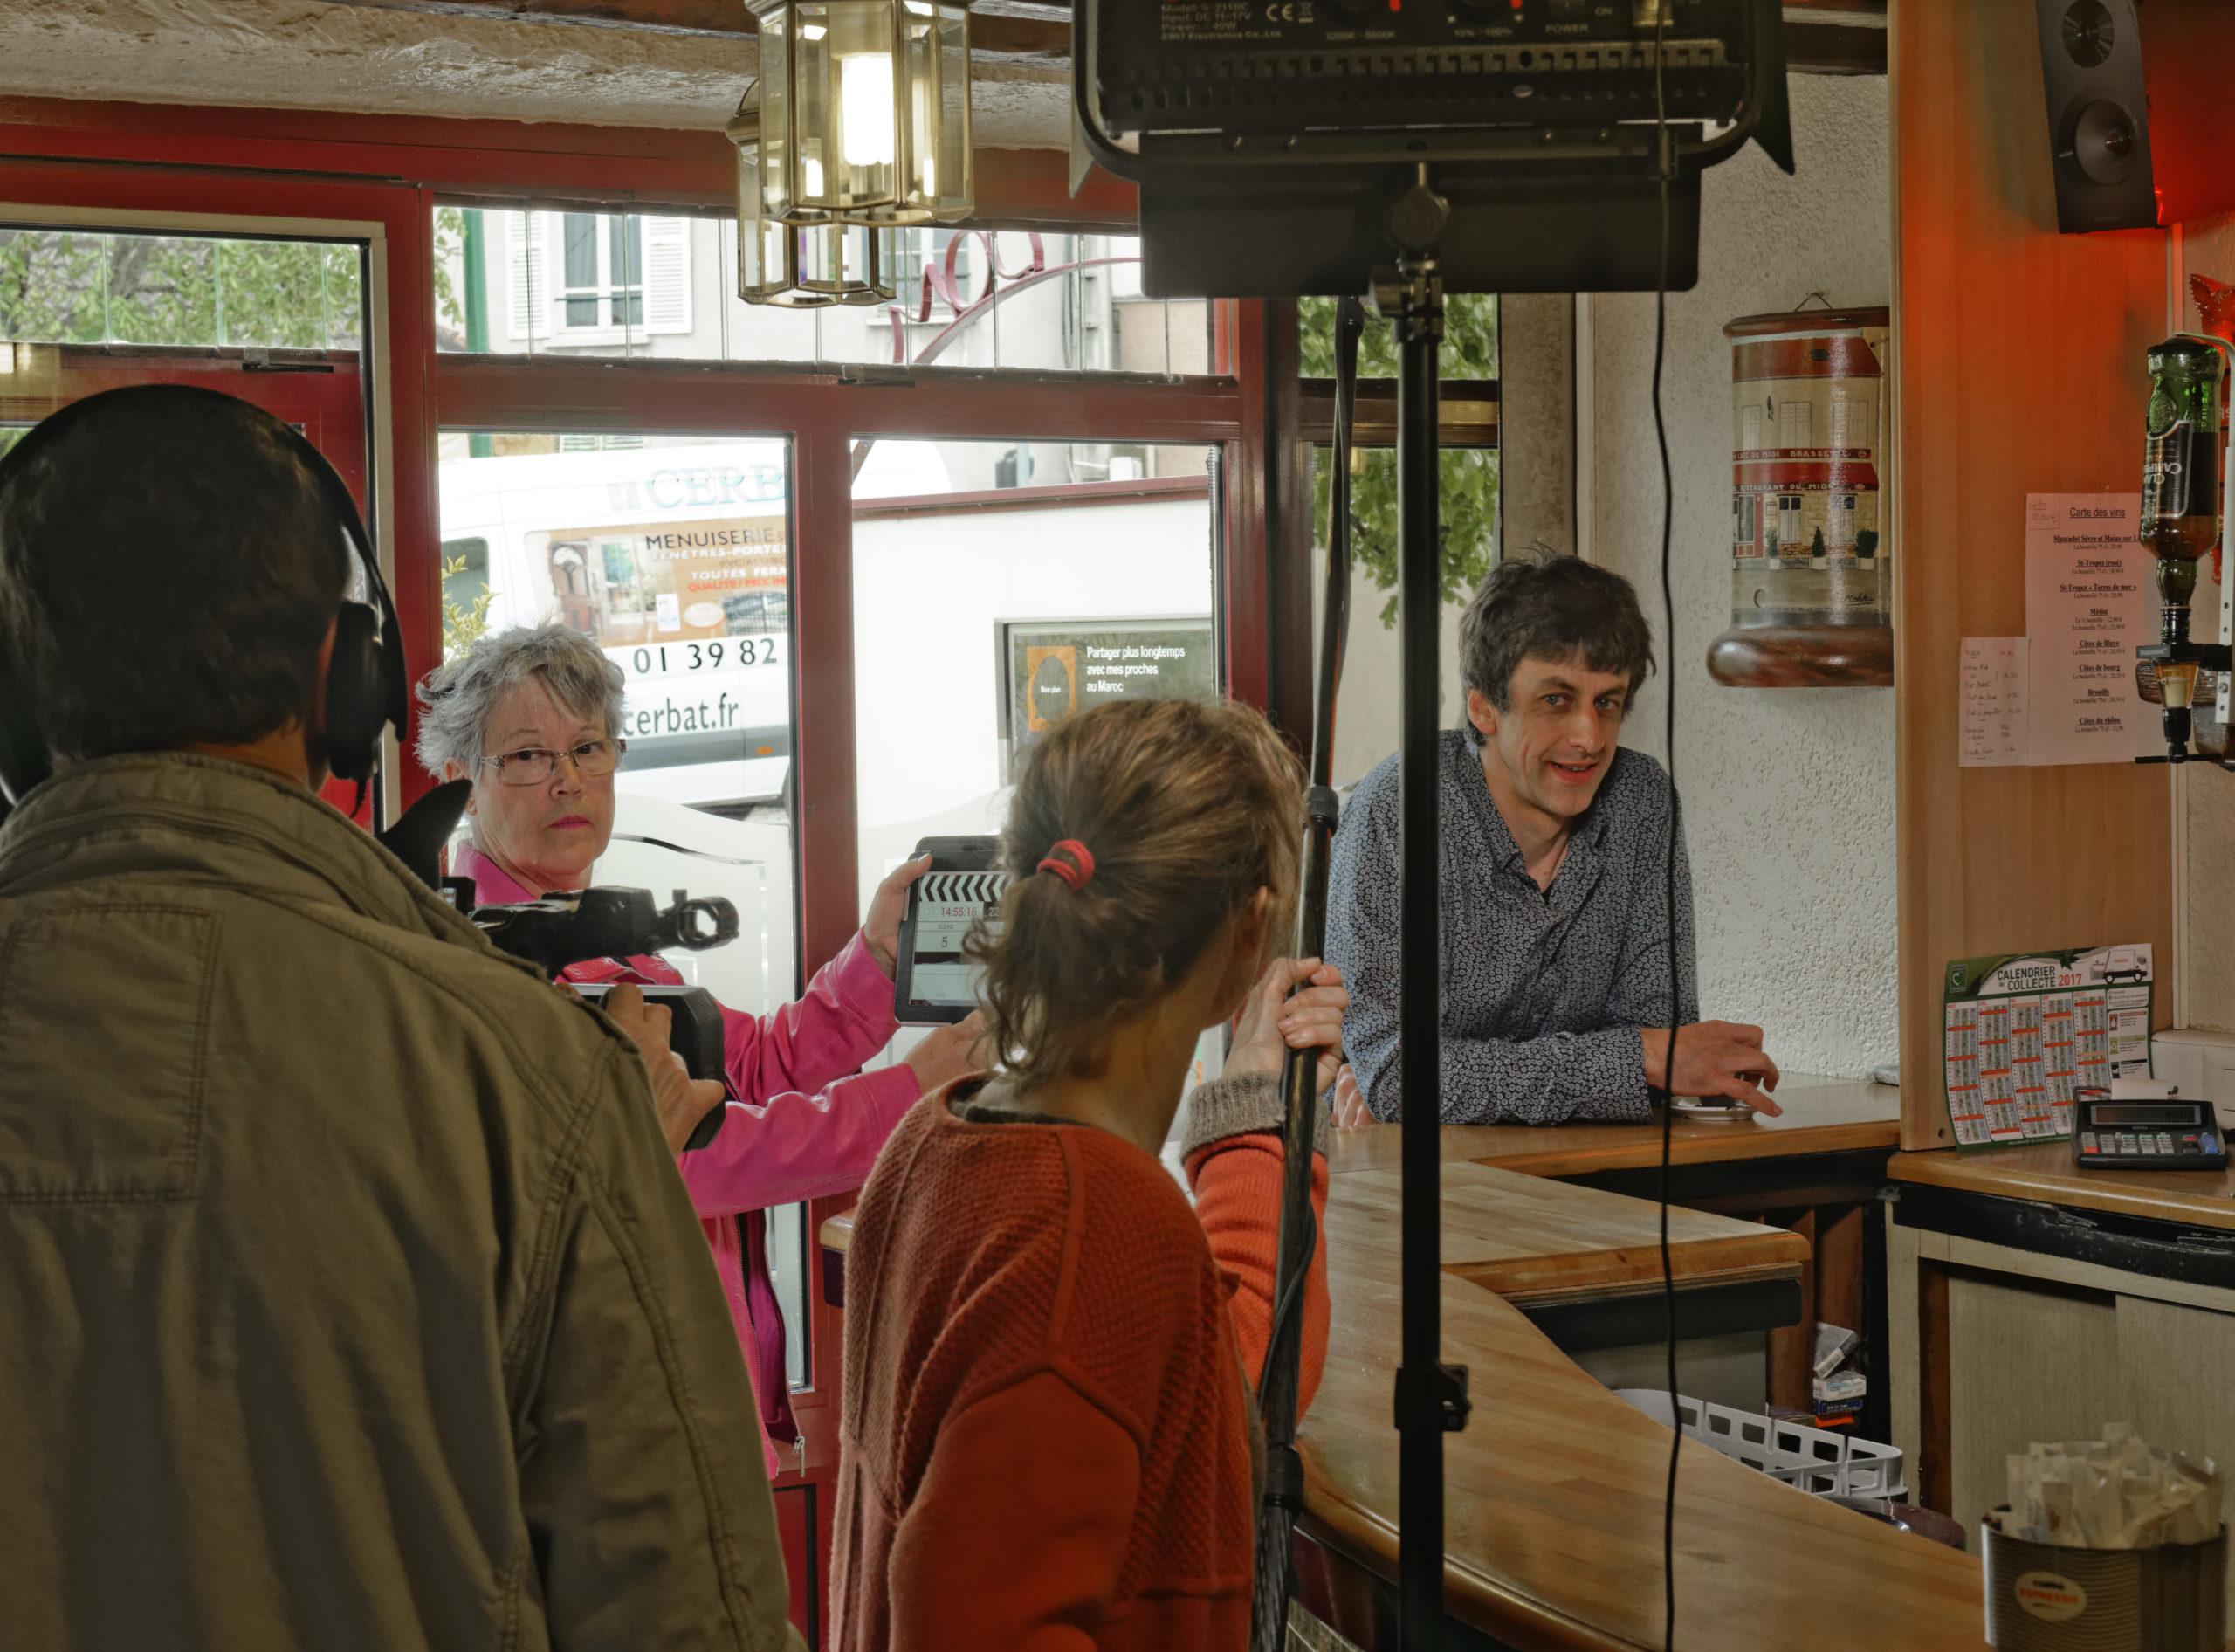 Pere et impair photos tournage 47